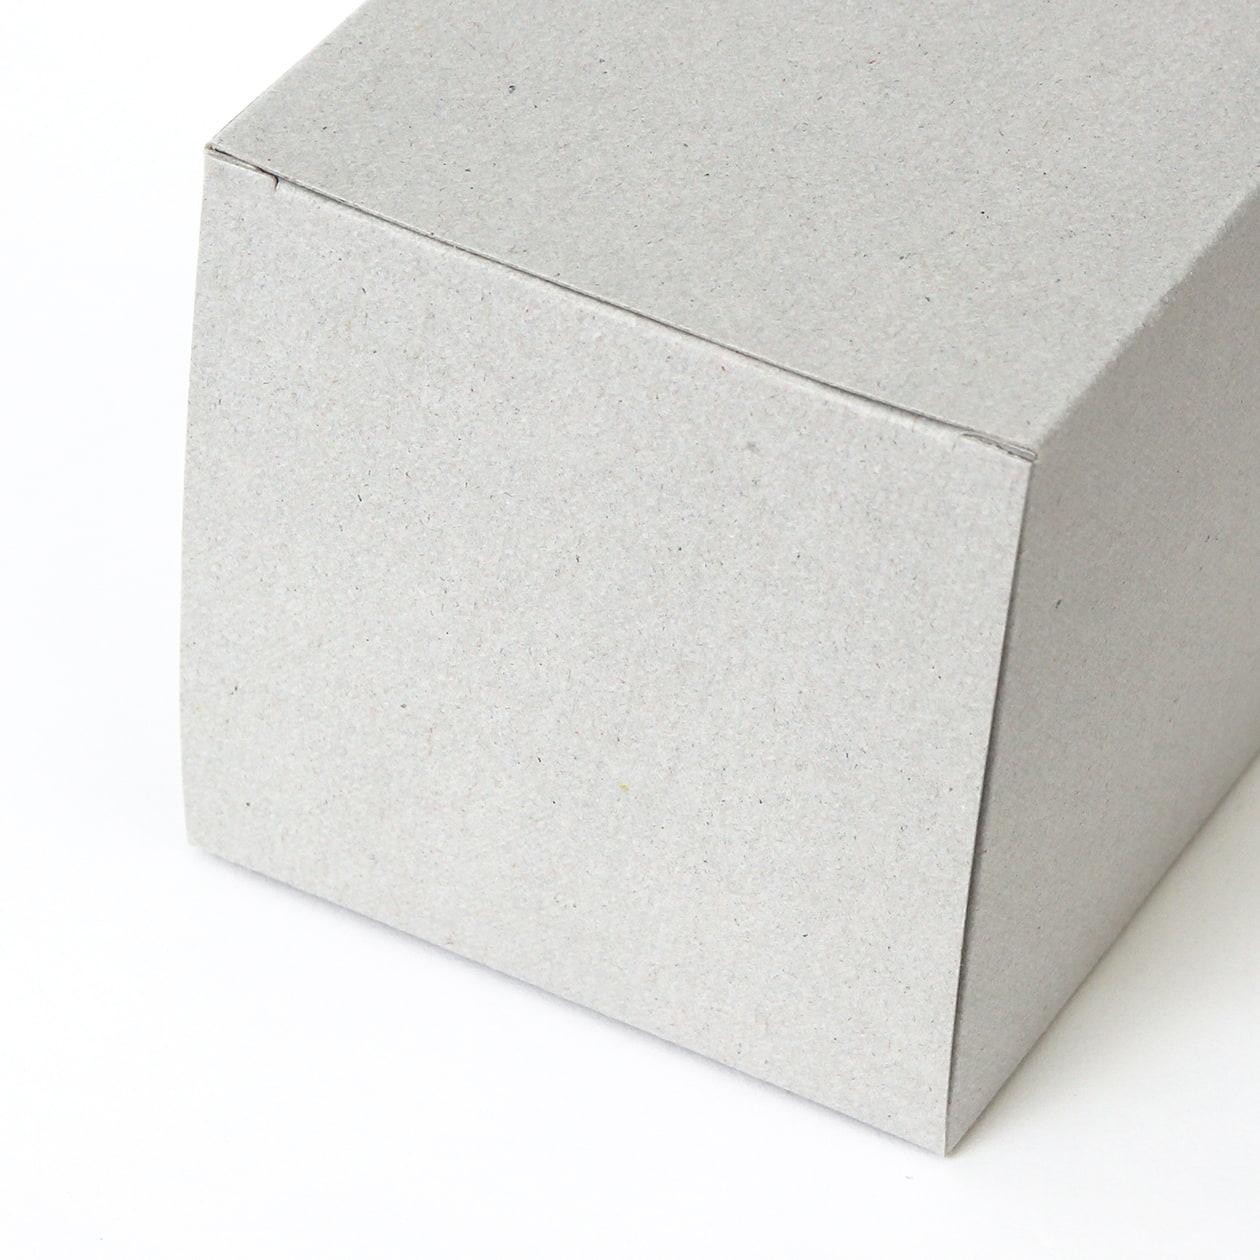 キャラメル箱80×80×80 ボード紙 グレー 270g